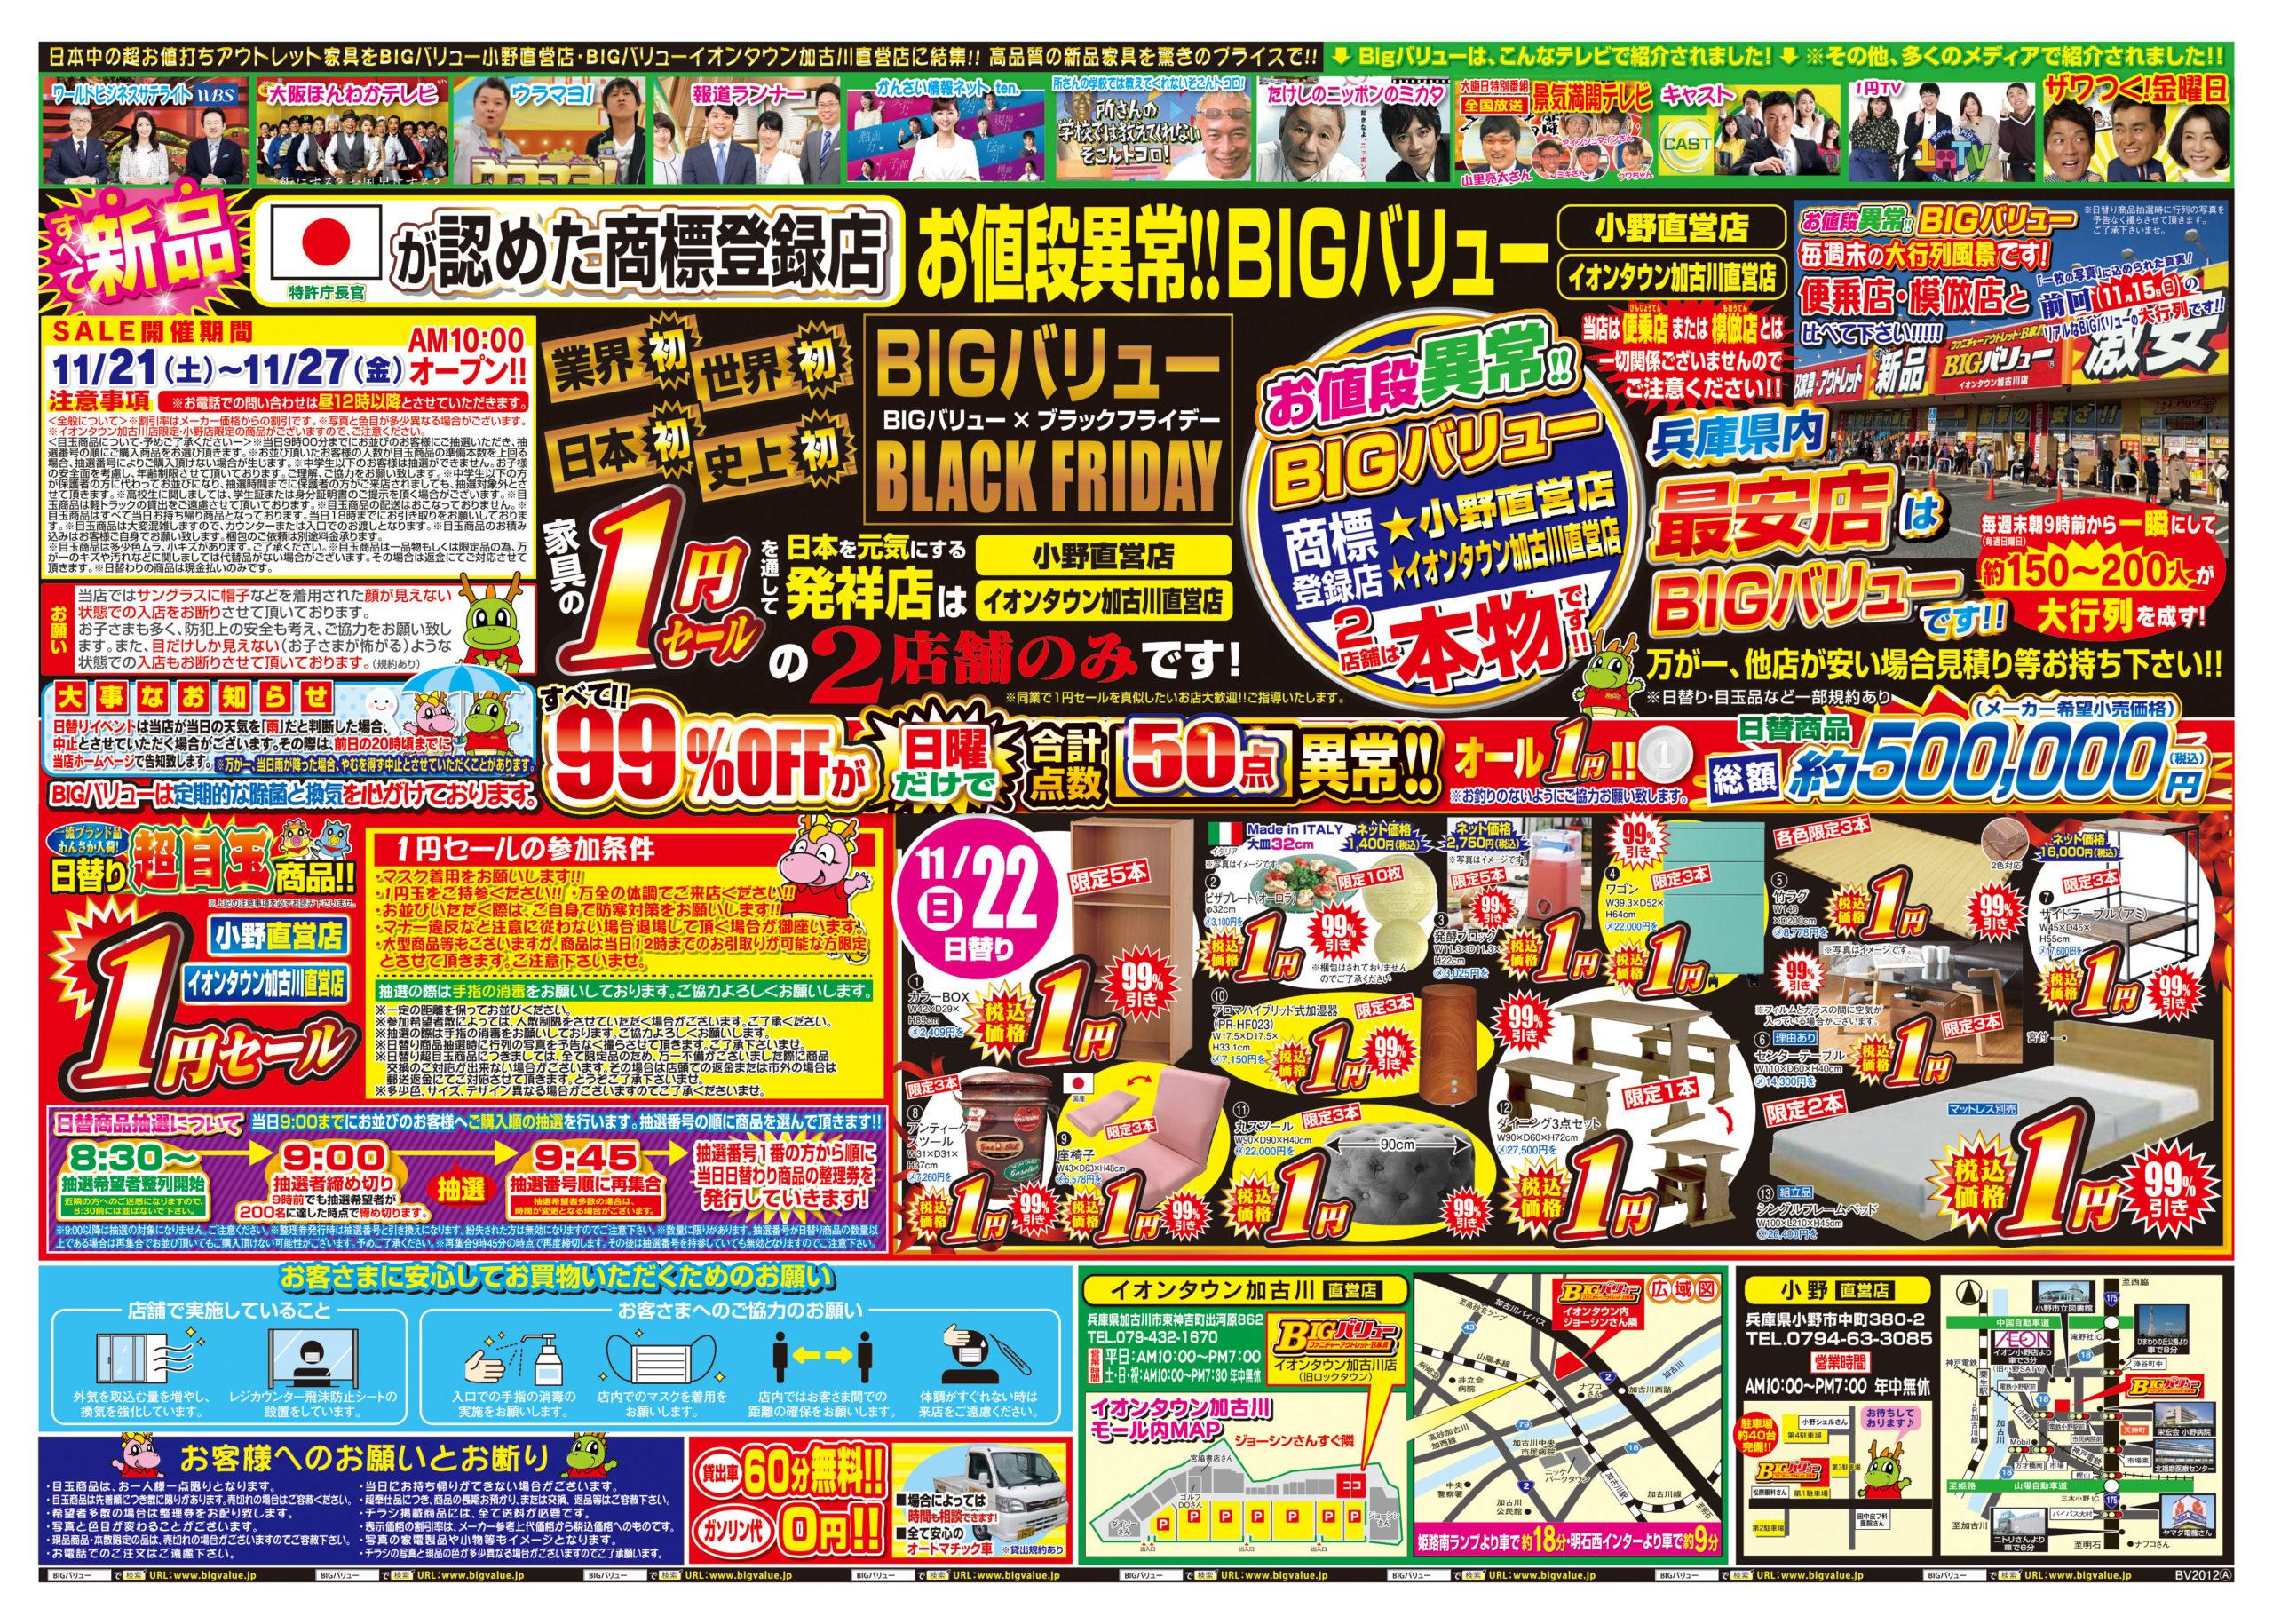 11/22(日)日替り両店開催予定!